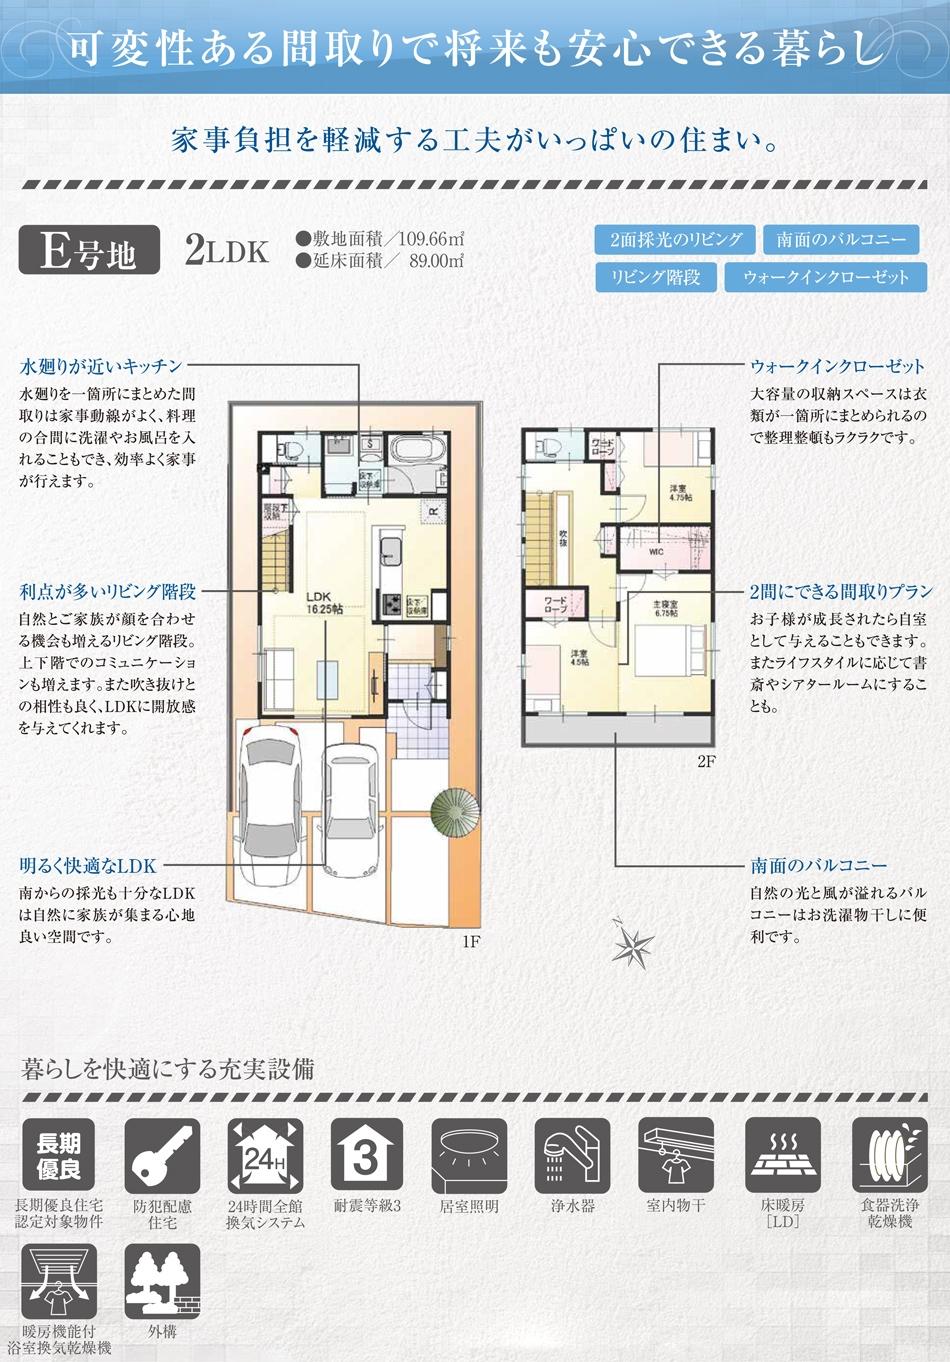 【ダイワハウス】セキュレア安城東栄町 (分譲住宅)の画像